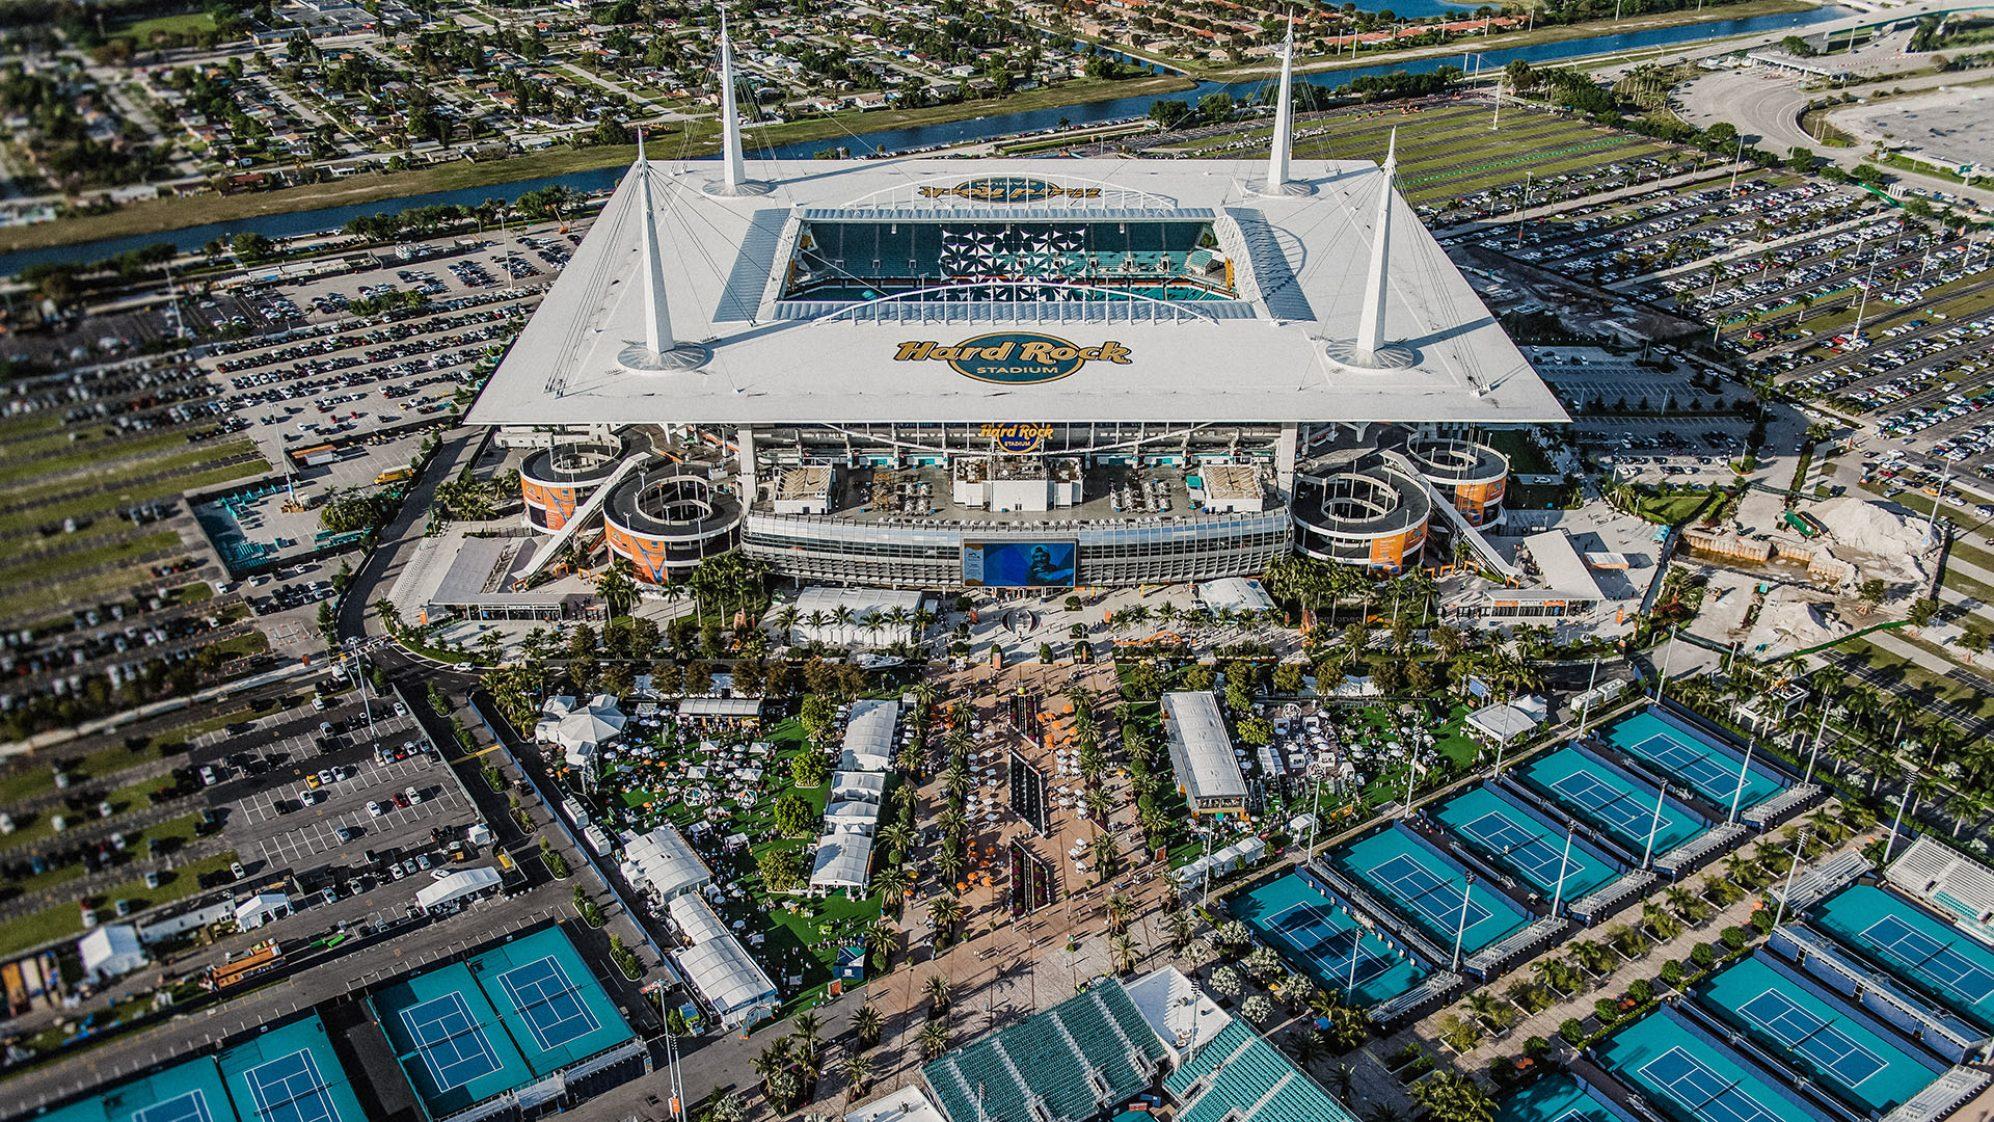 Miami Grand Prix - Dolphins stadium